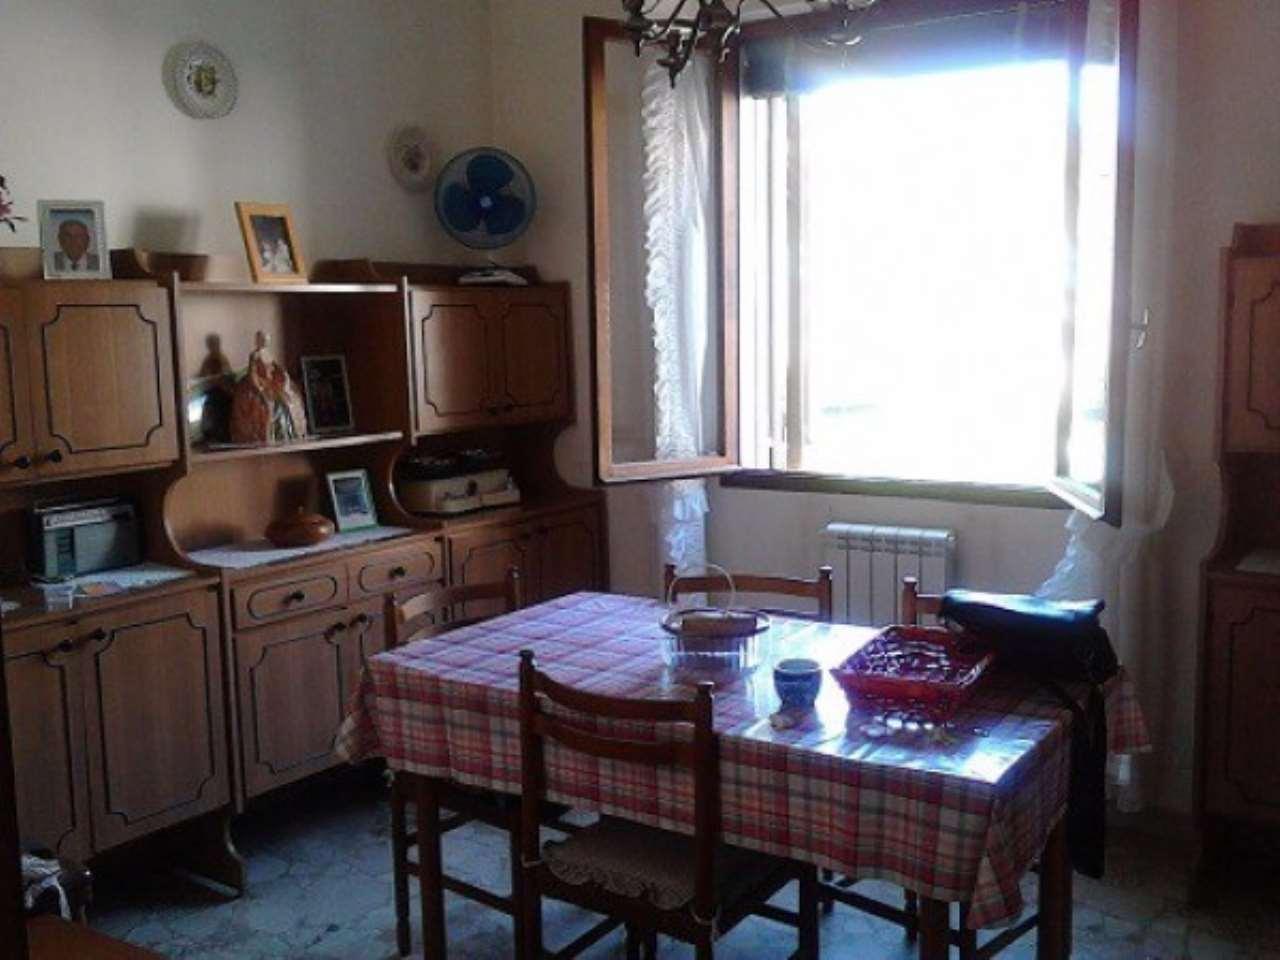 Appartamento in vendita a Venezia, 4 locali, zona Zona: 8 . Lido, prezzo € 228.000 | Cambio Casa.it